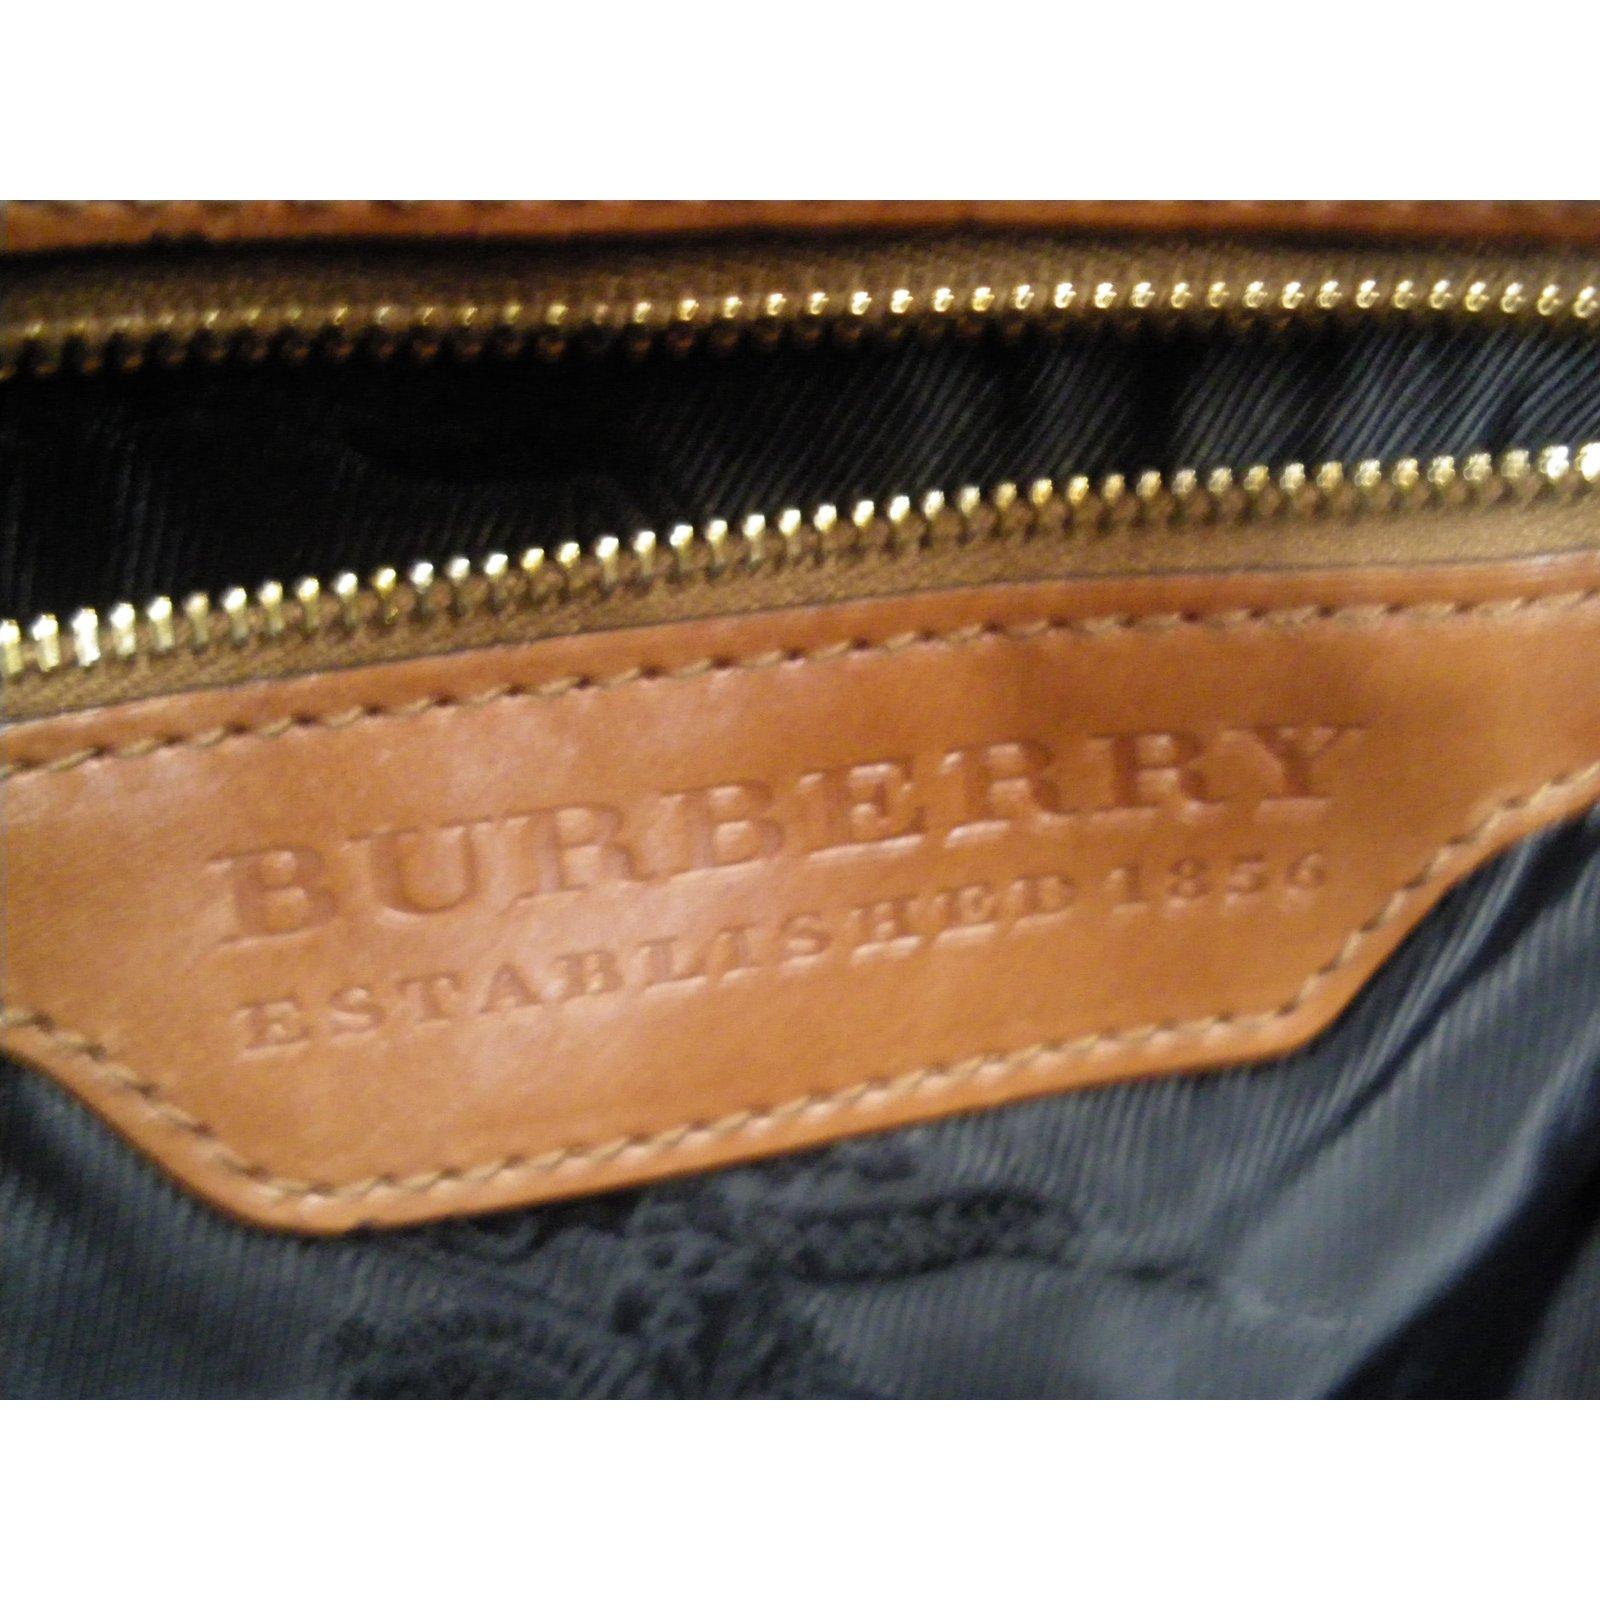 Sacs à main Burberry Sacs à main Cuir Marron ref.64275 - Joli Closet 6833cfad0b